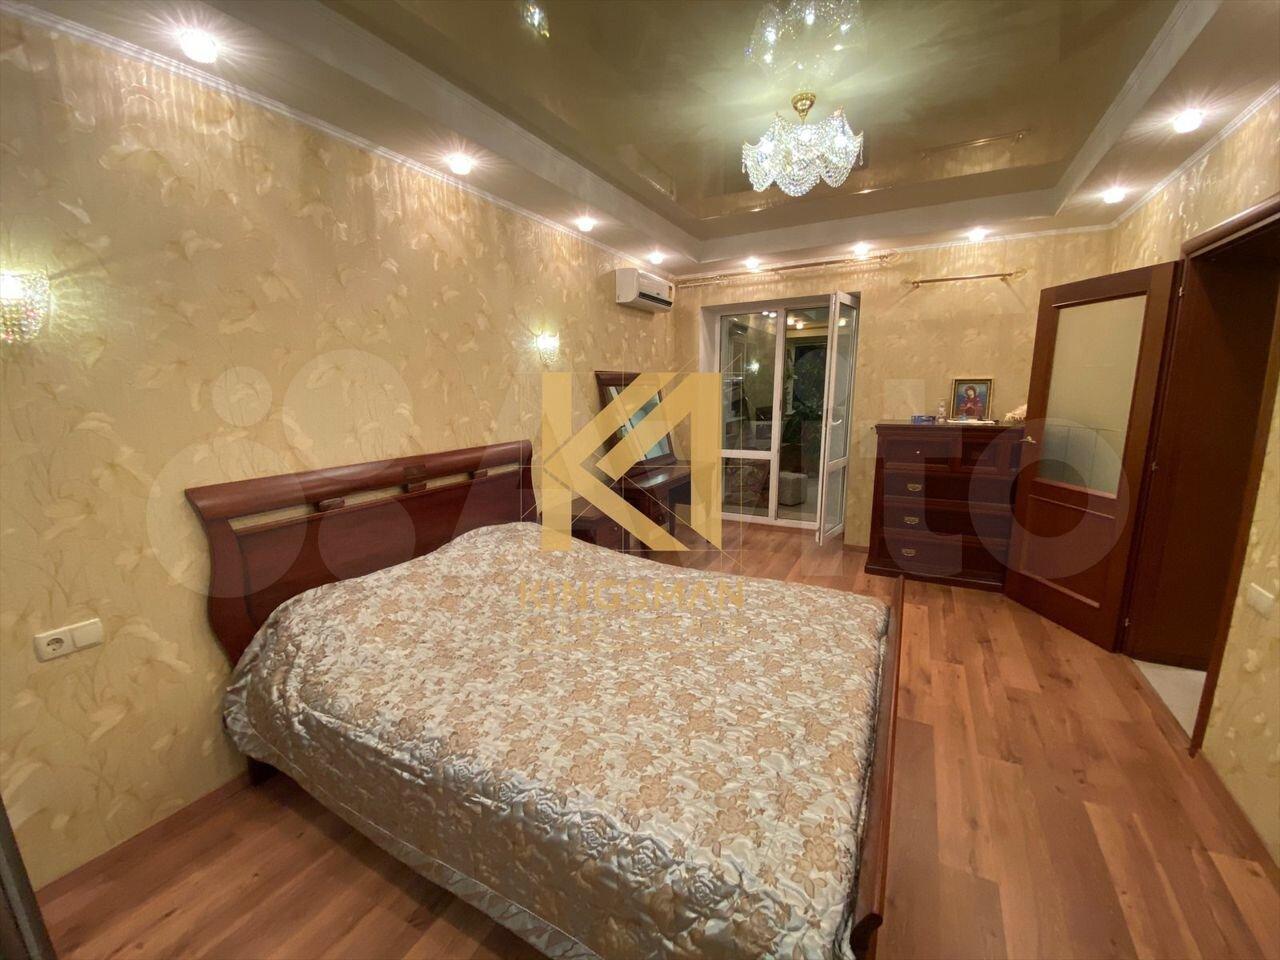 3-к квартира, 140 м², 4/10 эт.  89042448845 купить 4